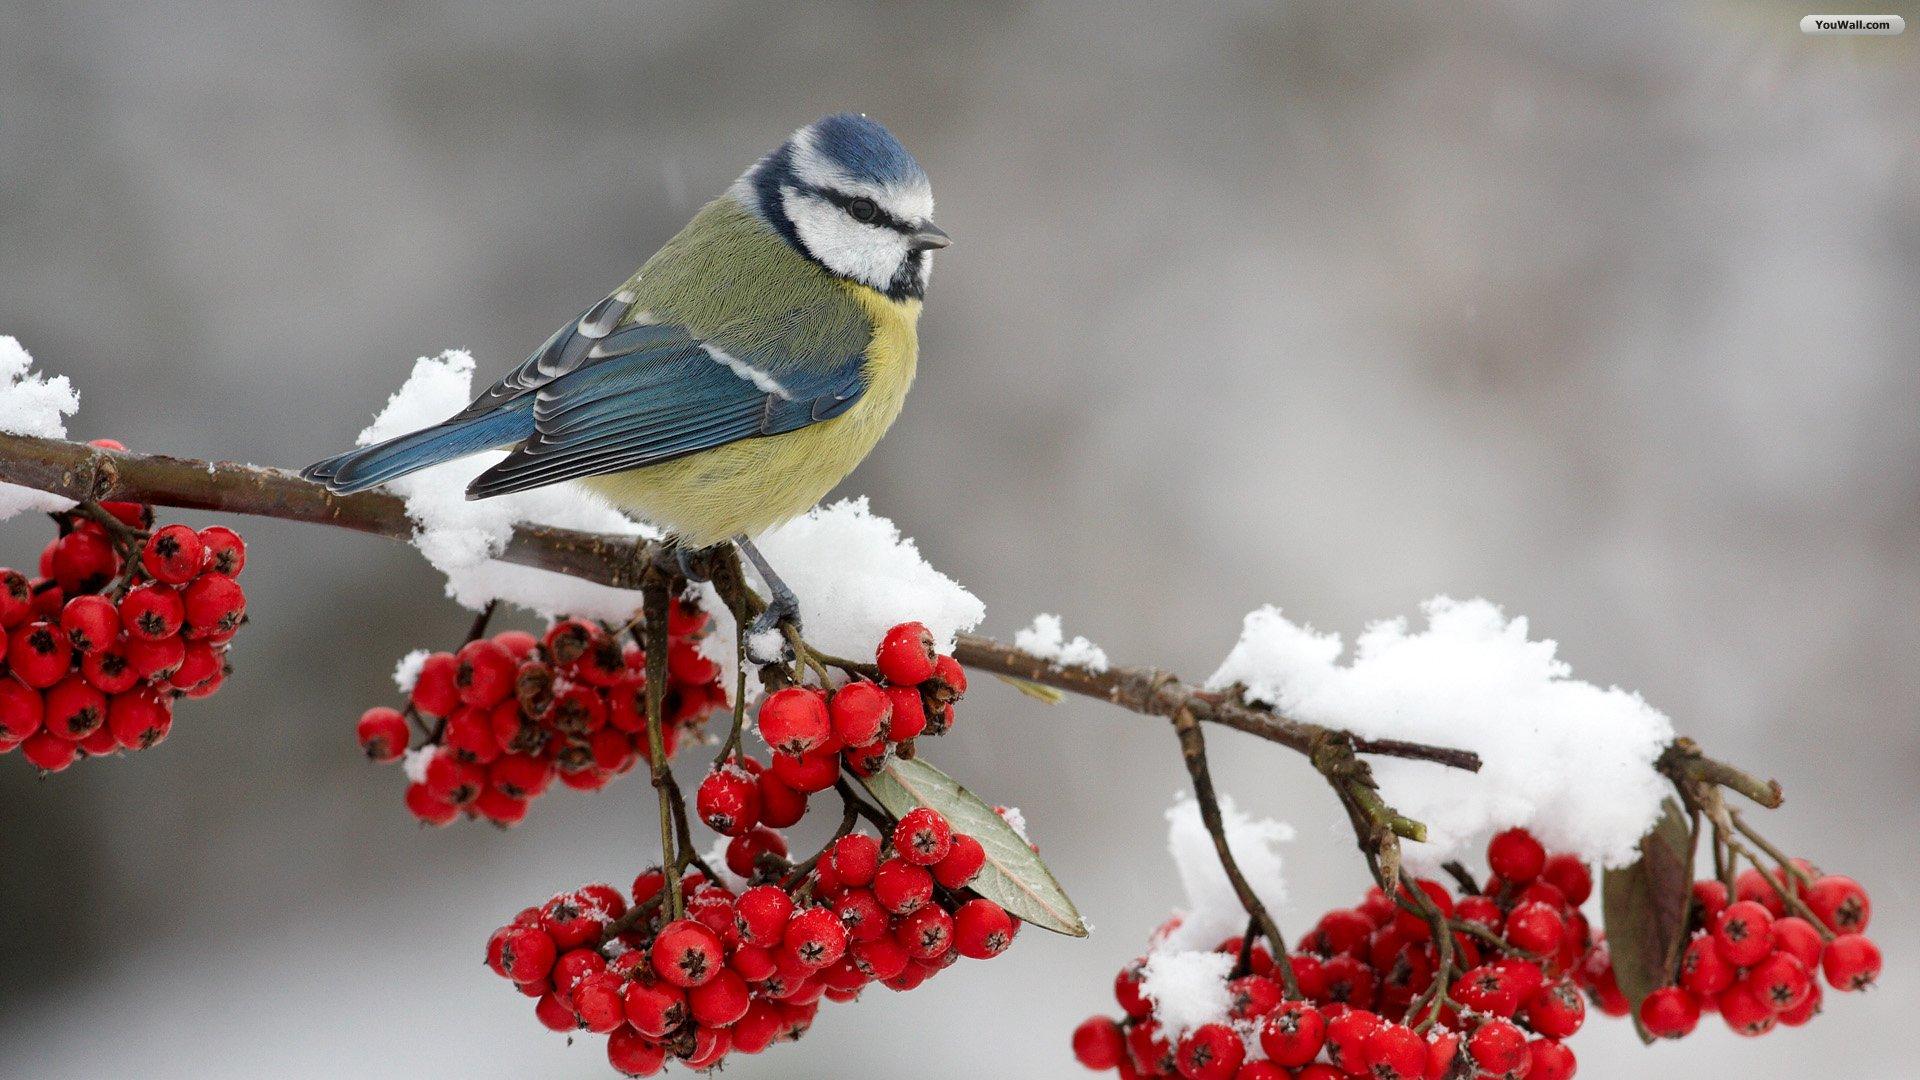 Widescreen winter bird wallpaper wallpapersafari - Winter cardinal wallpaper ...